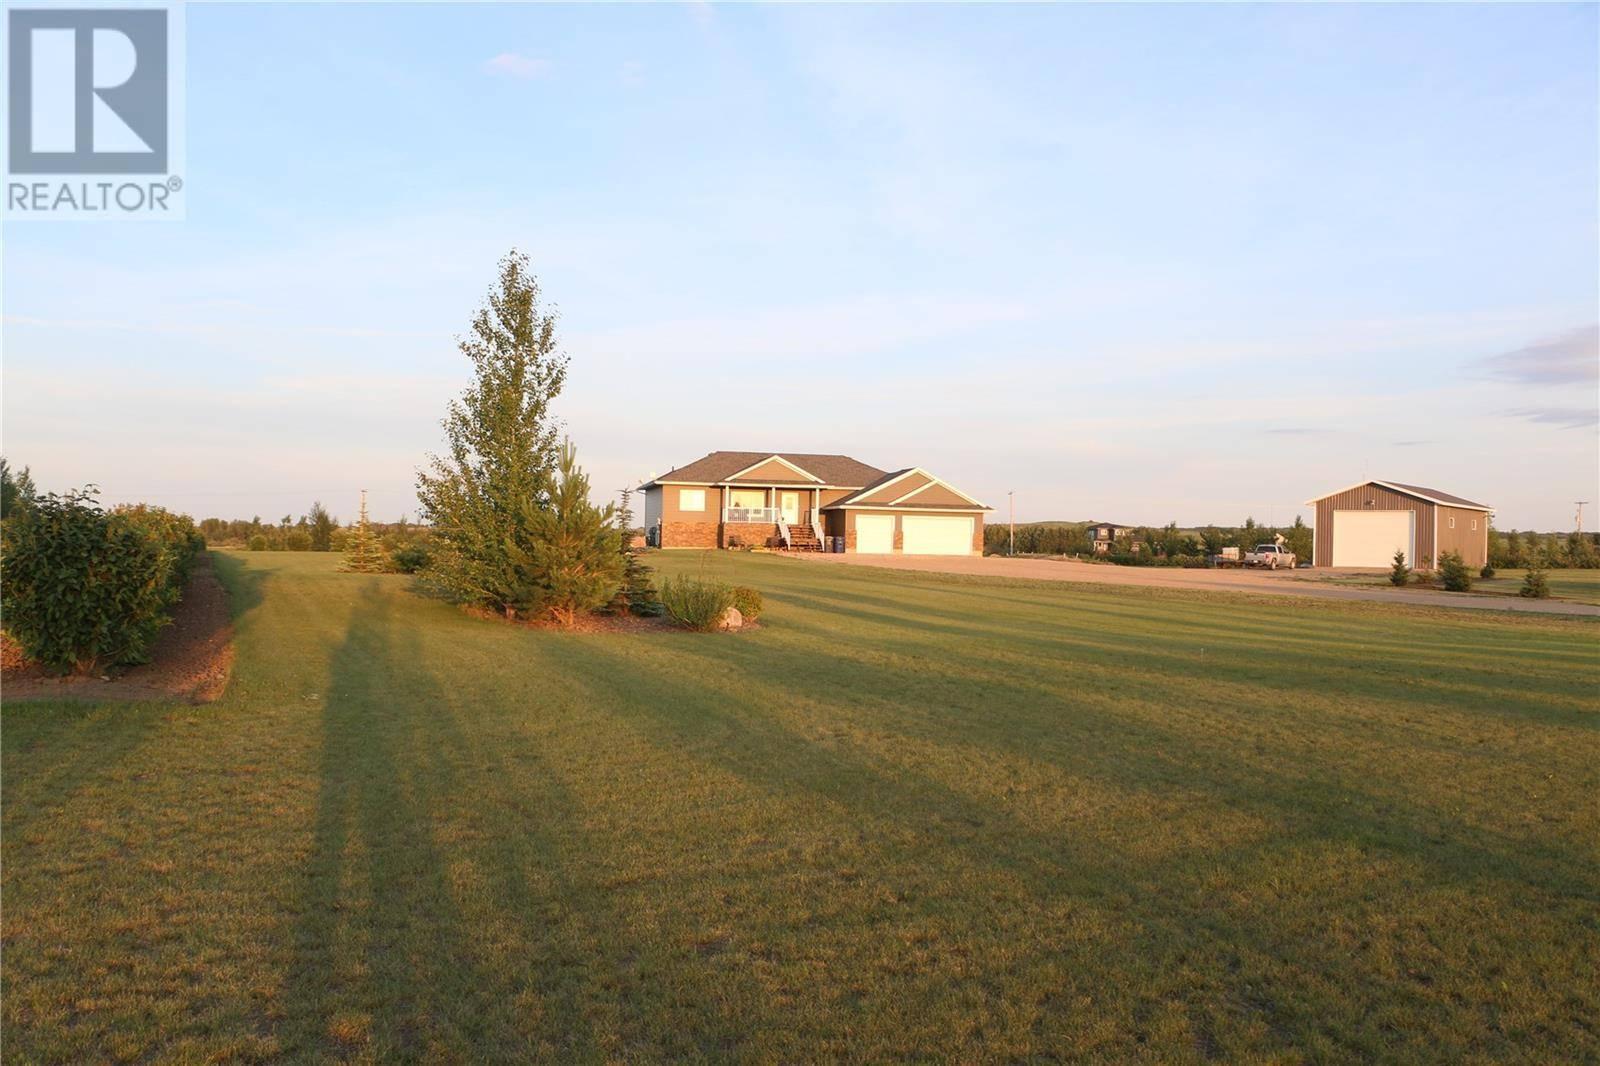 House for sale at 105 Meadowbrook Ln Aberdeen Rm No. 373 Saskatchewan - MLS: SK763782